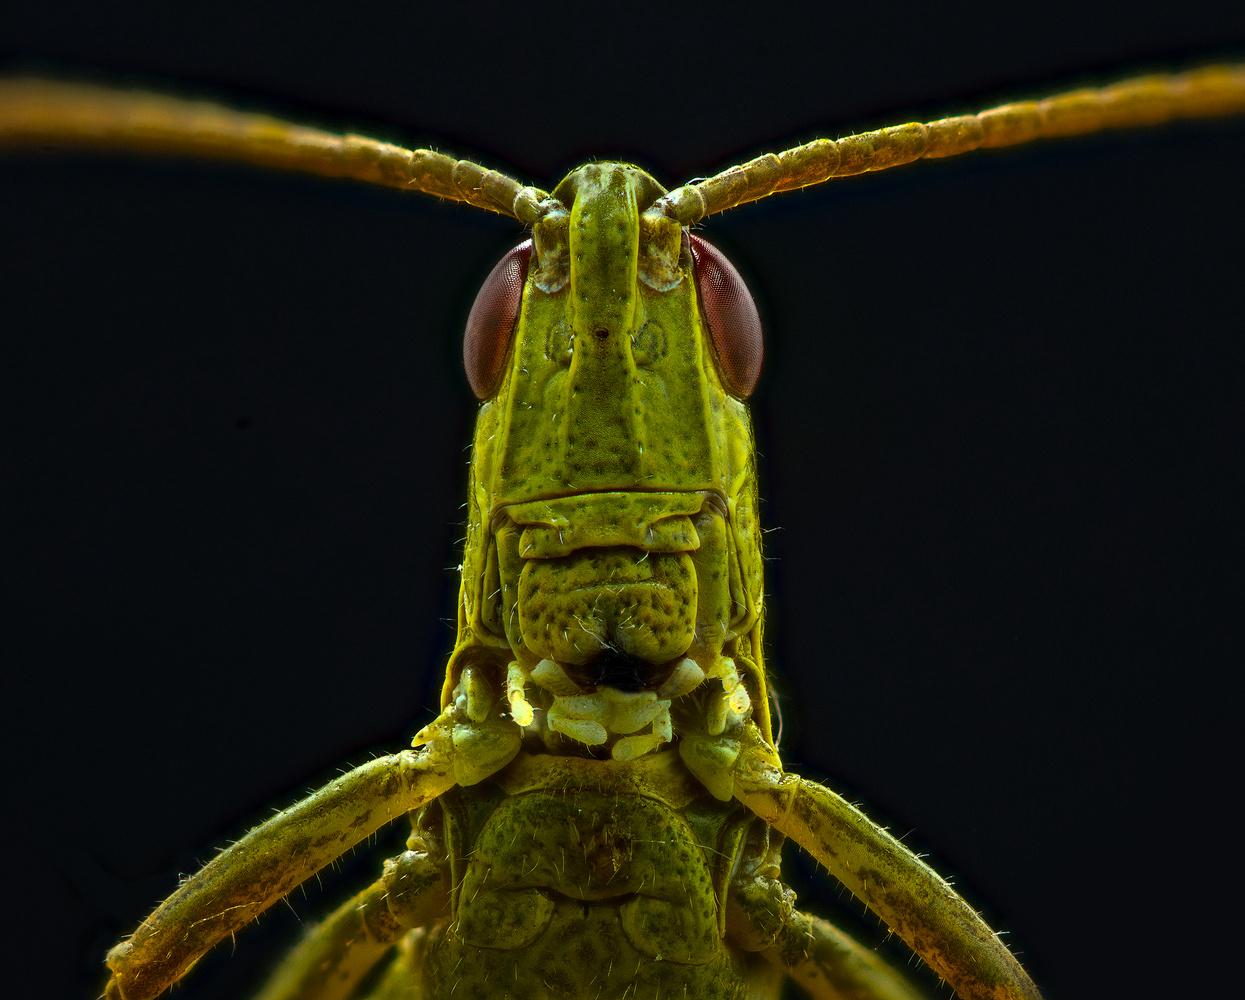 grasshopper by Dmitry A